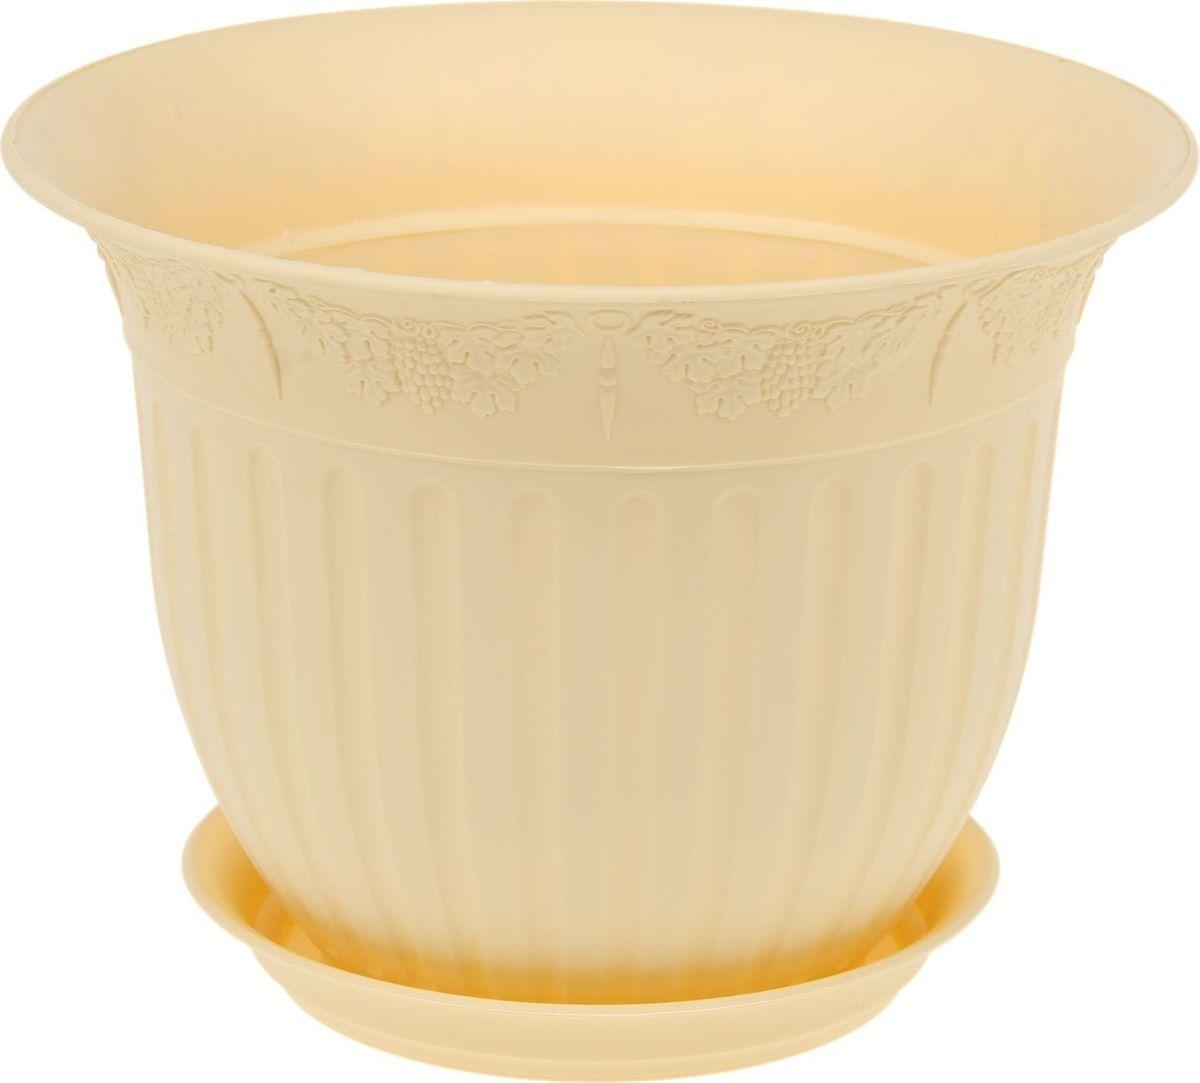 Кашпо JetPlast Виноград, с поддоном, цвет: желтый, 4 л1295416Любой, даже самый современный и продуманный интерьер будет не завершенным без растений.Они не только очищают воздух и насыщают его кислородом, но и заметно украшают окружающее пространство.Такому полезному члену семьи просто необходимо красивое и функциональное кашпо, оригинальный горшок или необычная ваза.Оптимальный выбор материала - это пластмасса! Вы с легкостью перенесете любимое растение с места на место, поставьте его на столики или полки, подвесите под потолок, не беспокоясь о нагрузке.Пластиковые изделия не нуждаются в специальных условиях хранения. Их легко чистить - достаточно просто сполоснуть теплой водой.Пластиковые кашпо не царапают и не загрязняют поверхности, на которых стоят. Пластик дольше хранит влагу, а значит растение реже нуждается в поливе.Пластмасса не пропускает воздух к корневой системе растения, им не грозят резкие перепады температур.Соблюдая нехитрые правила ухода, вы можете заметно продлить срок службы горшков, вазонов и кашпо из пластика: всегда учитывайте размер кроны и корневой системы растения (при разрастании большое растение способно повредить маленький горшок).Чтобы кашпо и горшки не выцветали держите кашпо и горшки из пластика подальше от нагревающихся поверхностей.Создавайте прекрасные цветочные композиции, выращивайте рассаду или необычные растения, а низкие цены позволят вам не ограничивать себя в выборе.